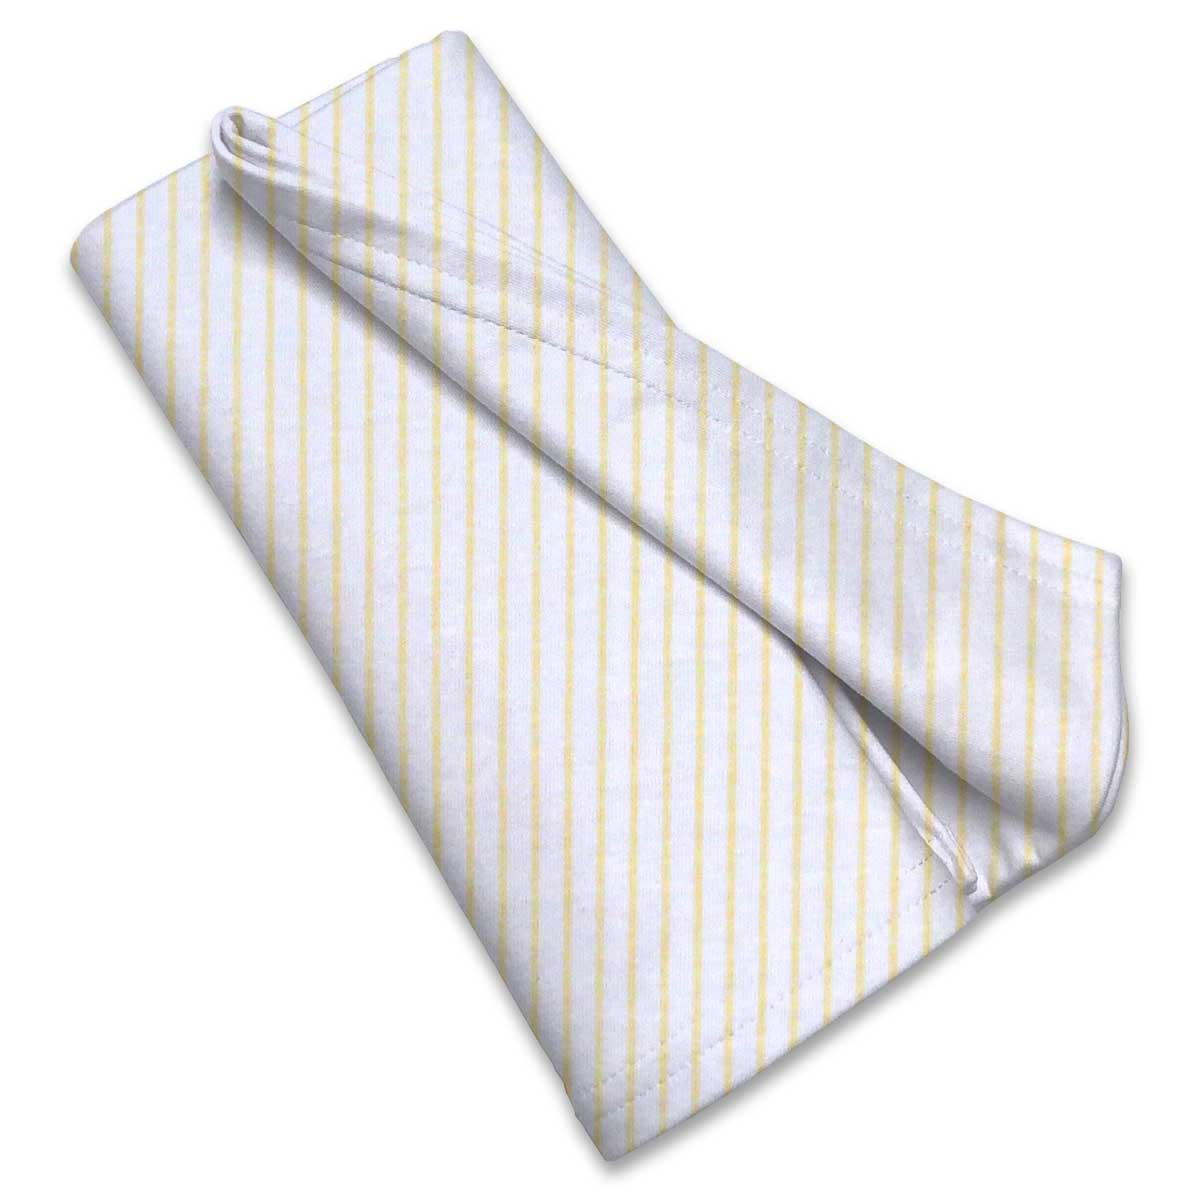 Yellow Stripes Jersey Knit Portable Mini Crib Sheets